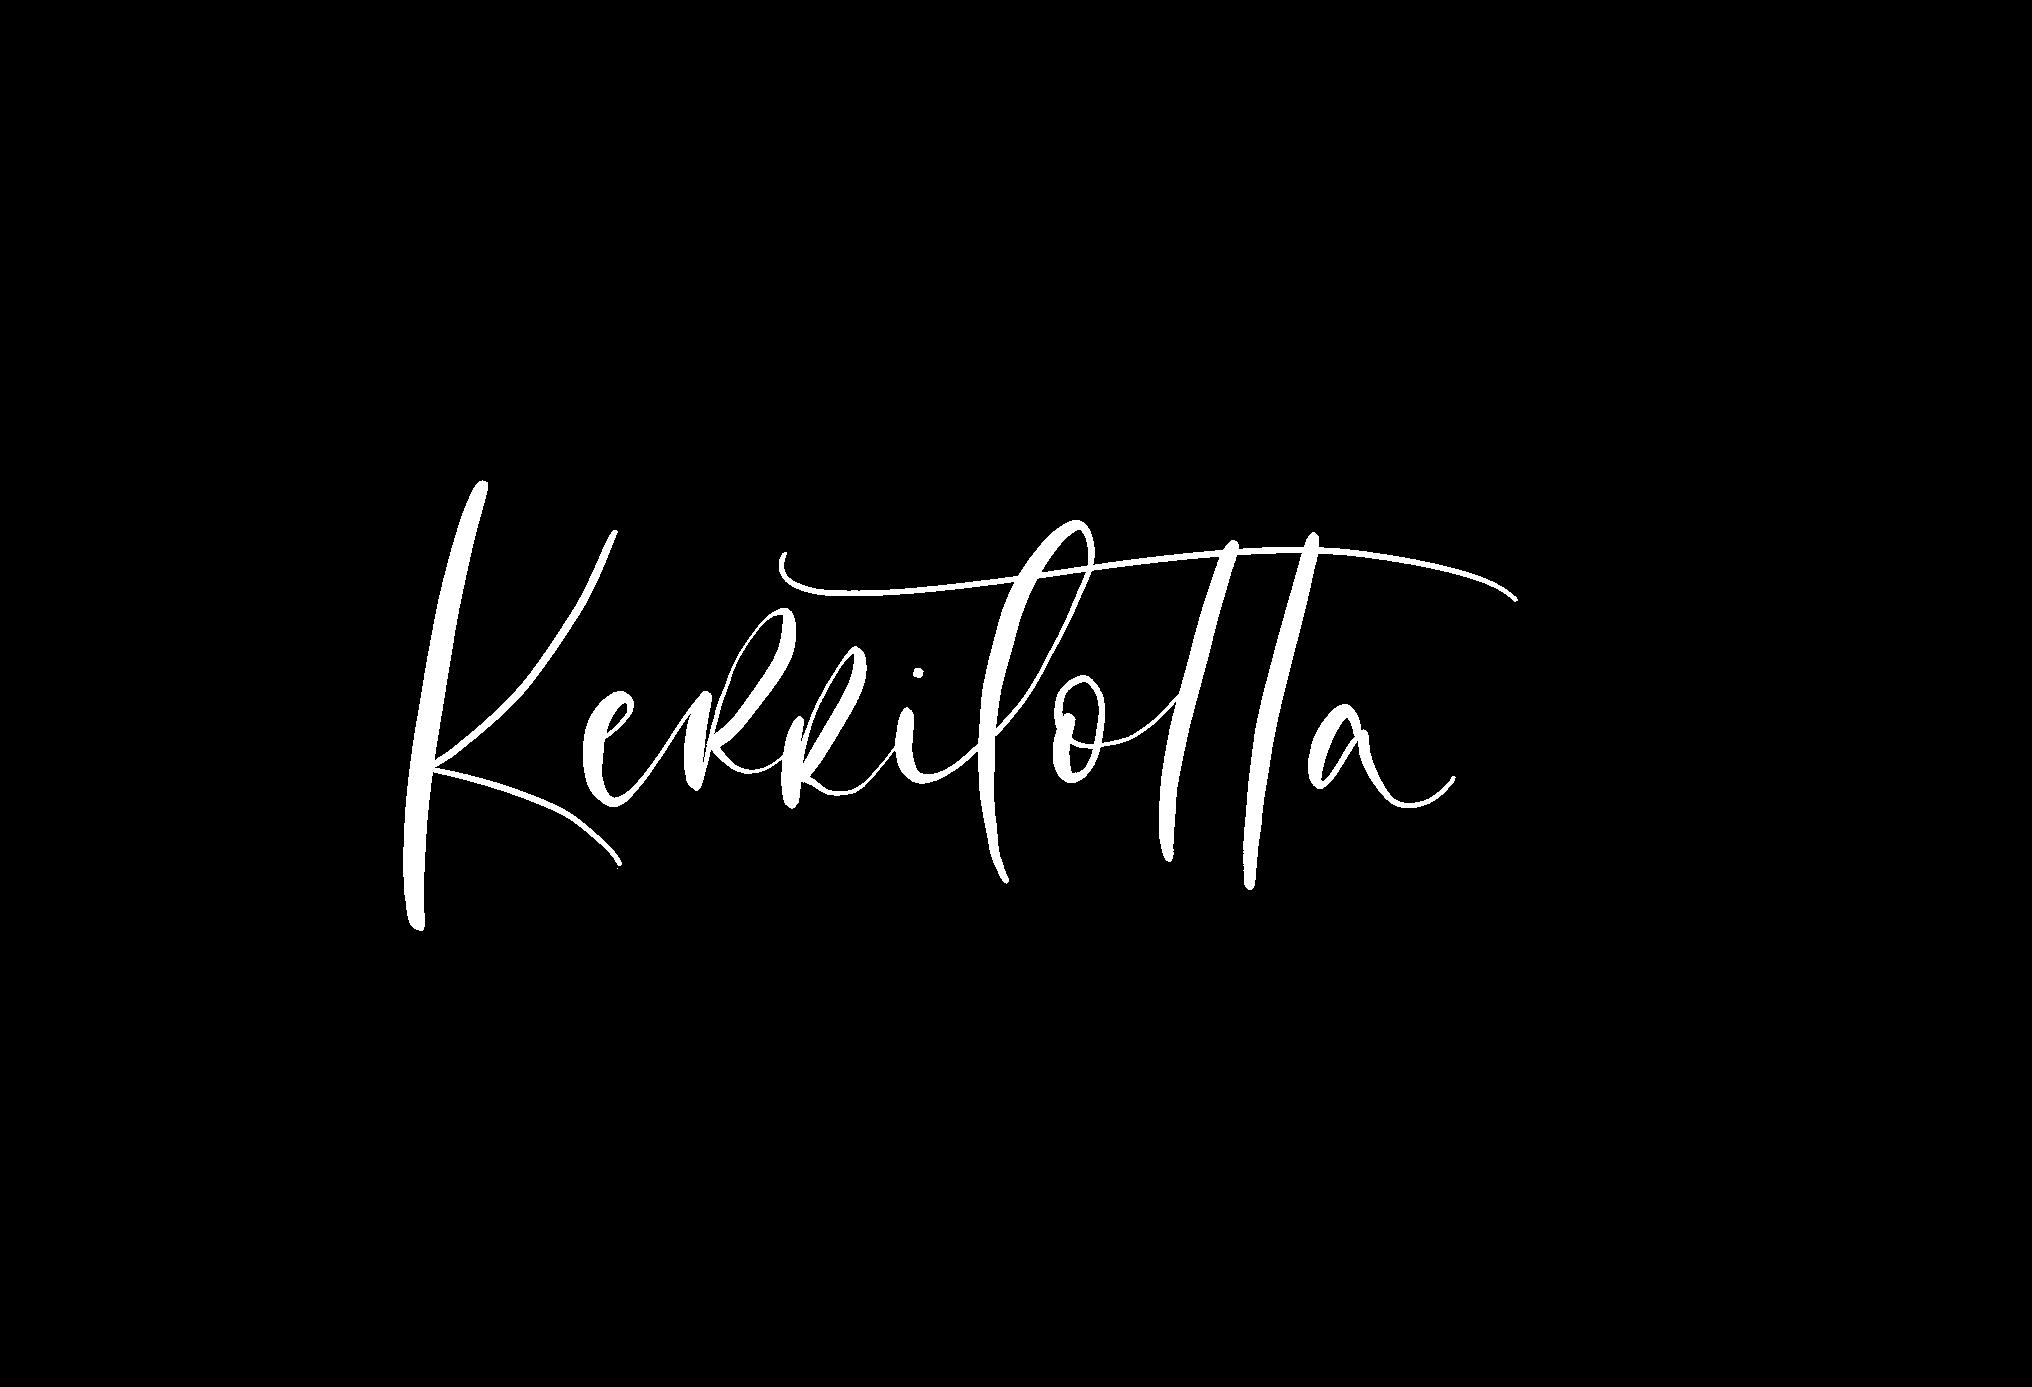 Kerrilotta